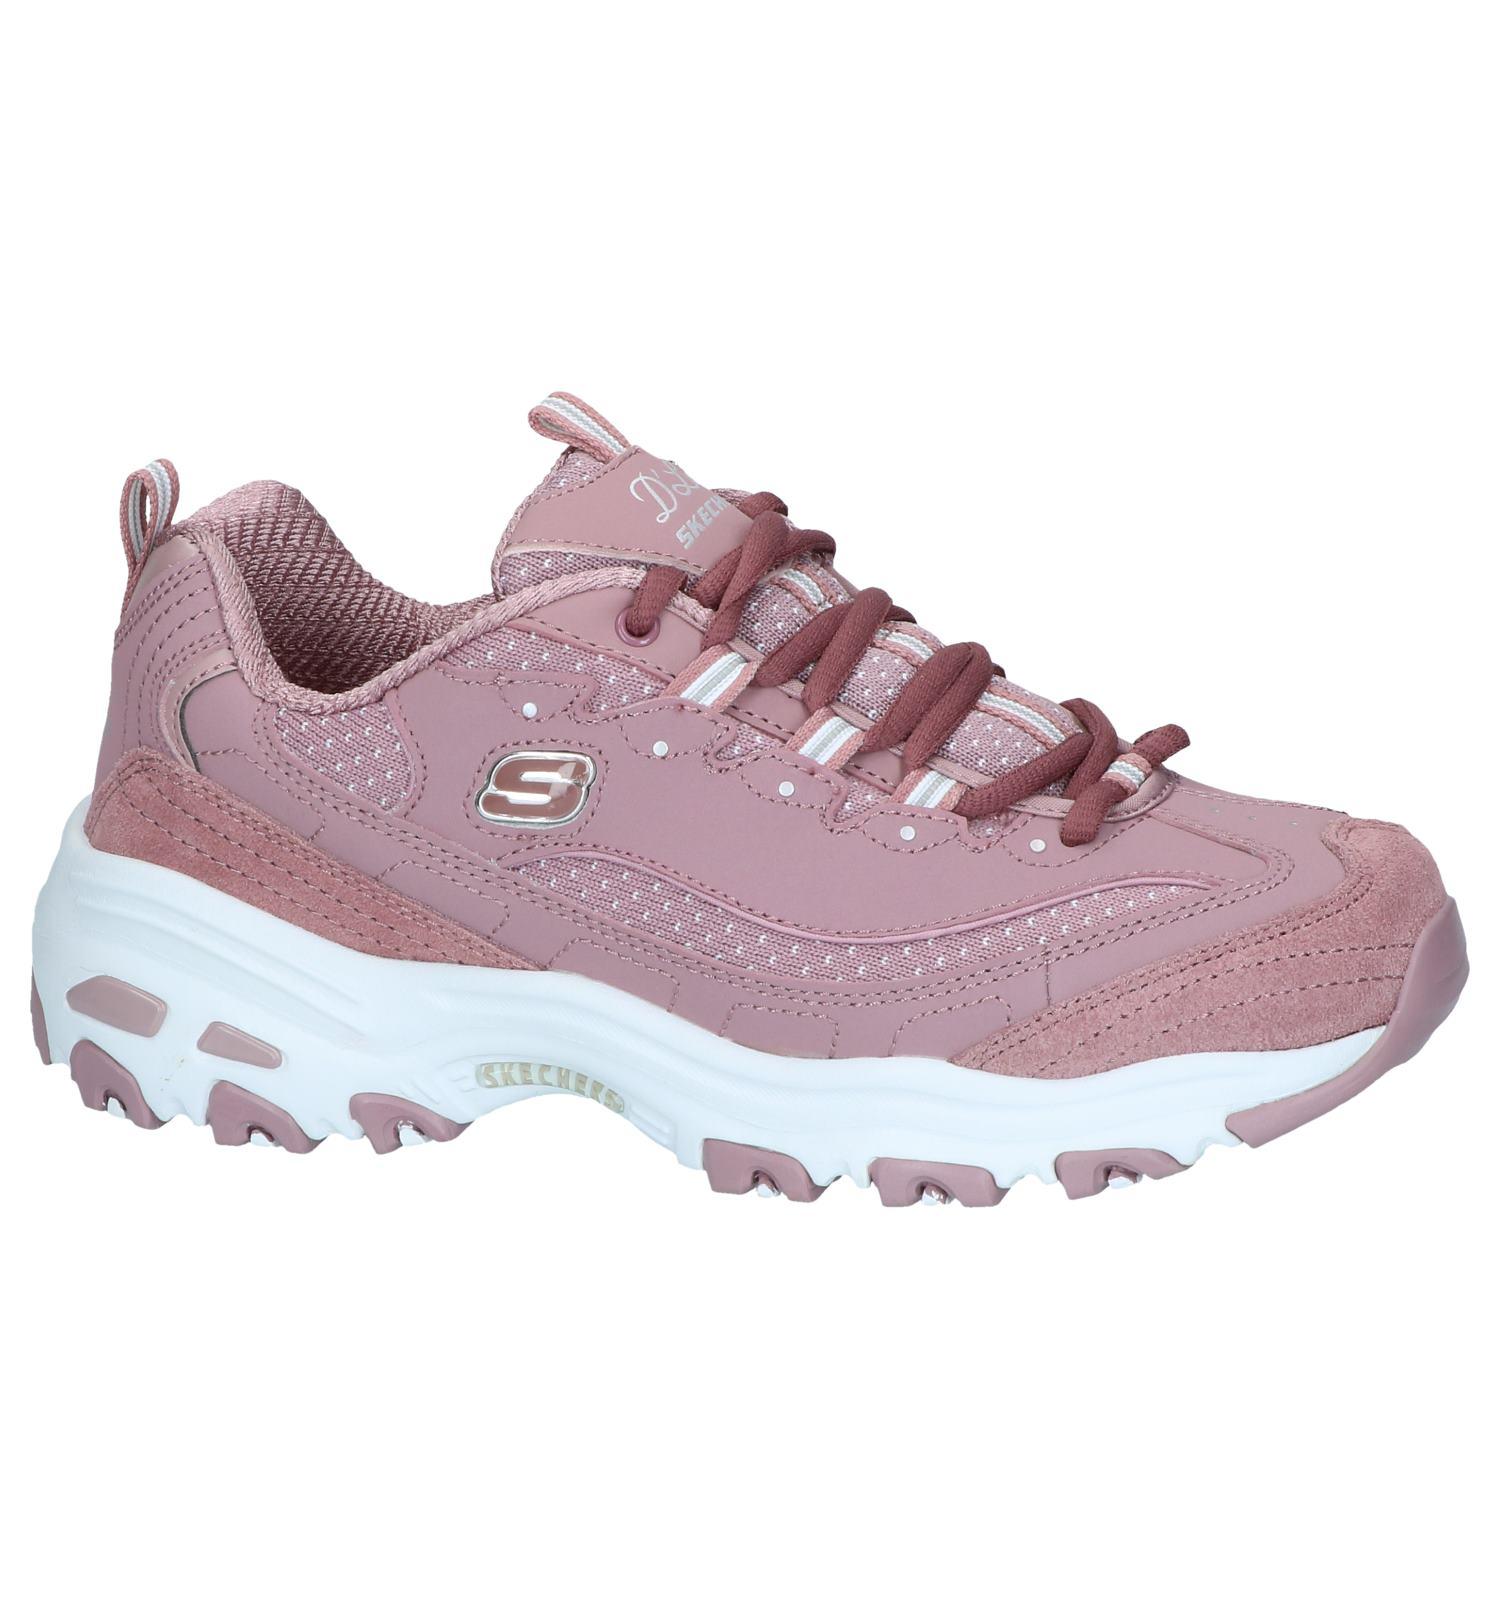 Paarse Sneakers Skechers D'Lites Polka Nite | TORFS.BE | Gratis verzend en retour